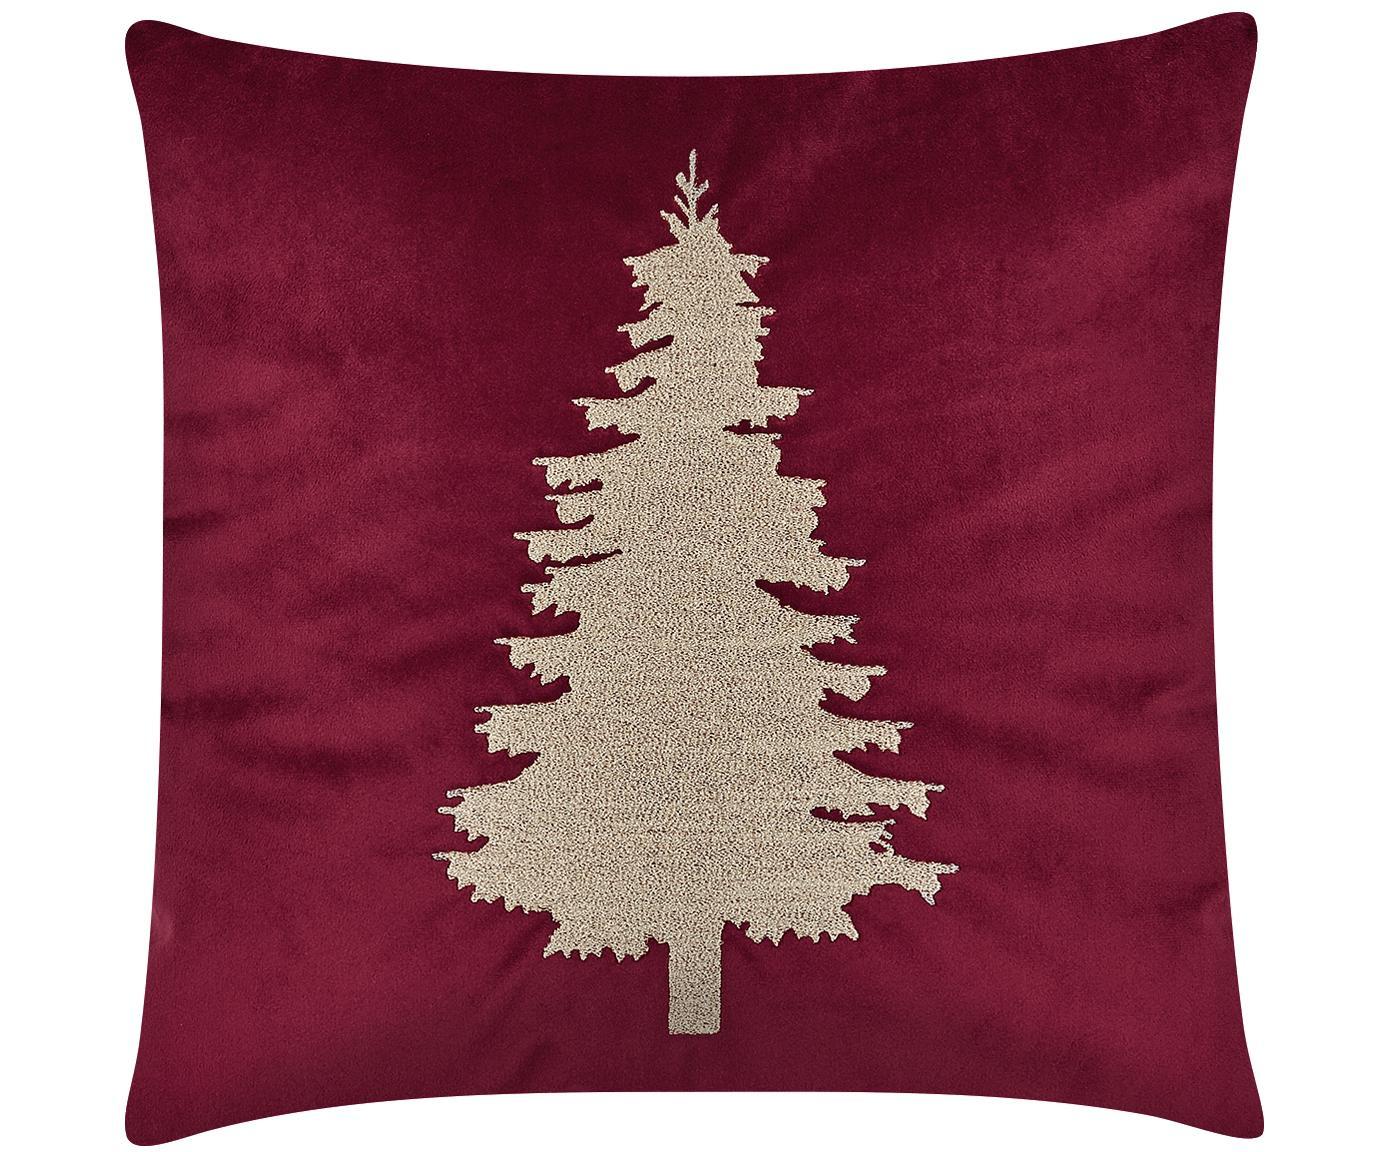 Haftowana poszewka na poduszkę z aksamitu Tree, Czerwony, S 40 x D 40 cm